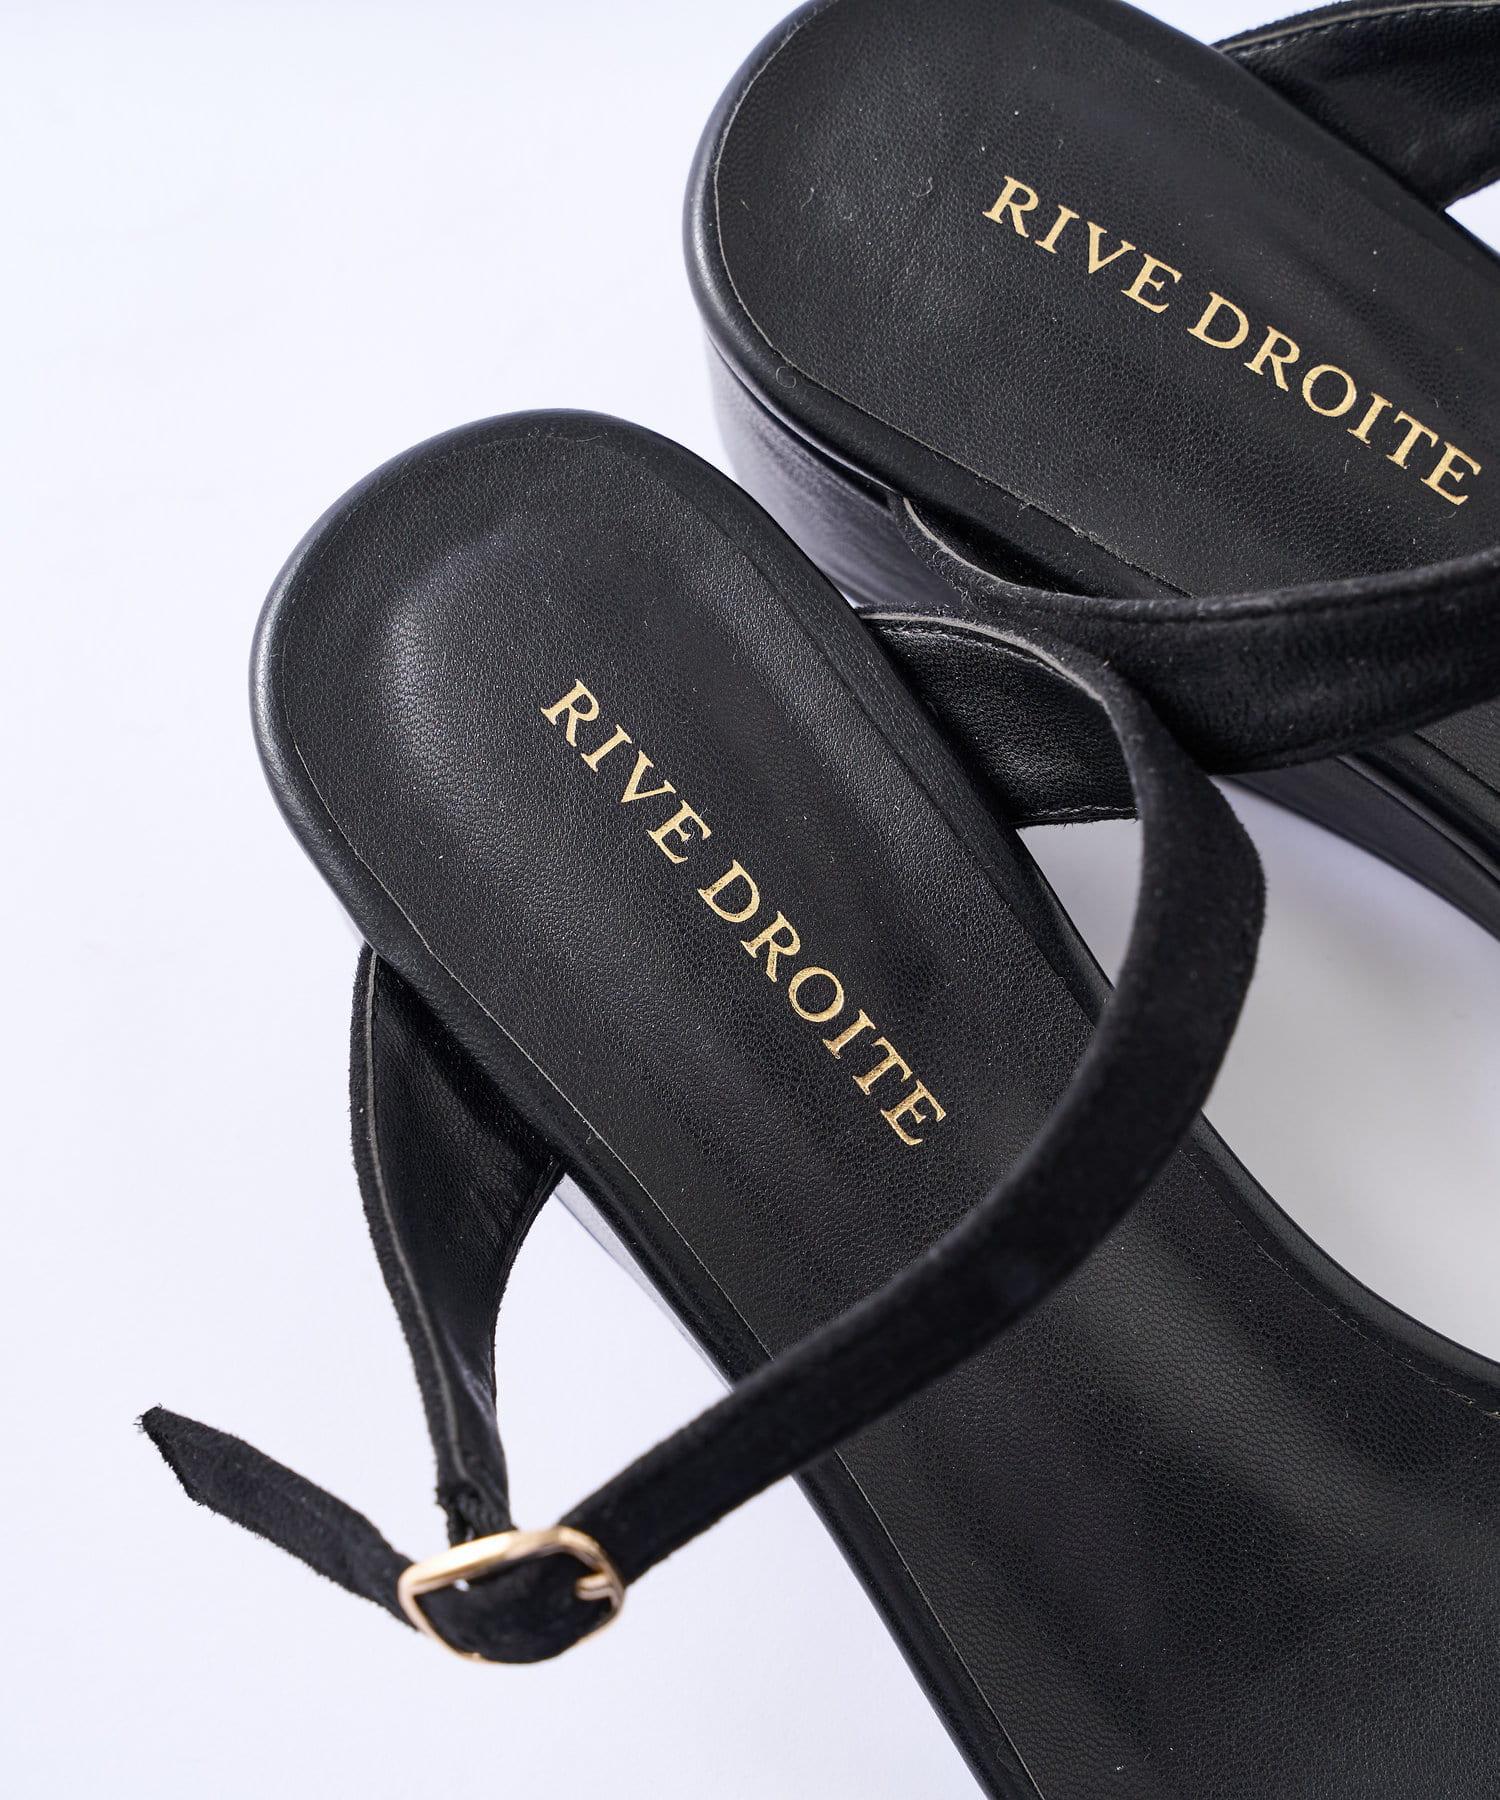 RIVE DROITE(リヴドロワ) 【幅広く活躍する】スクエアウエッジサンダル